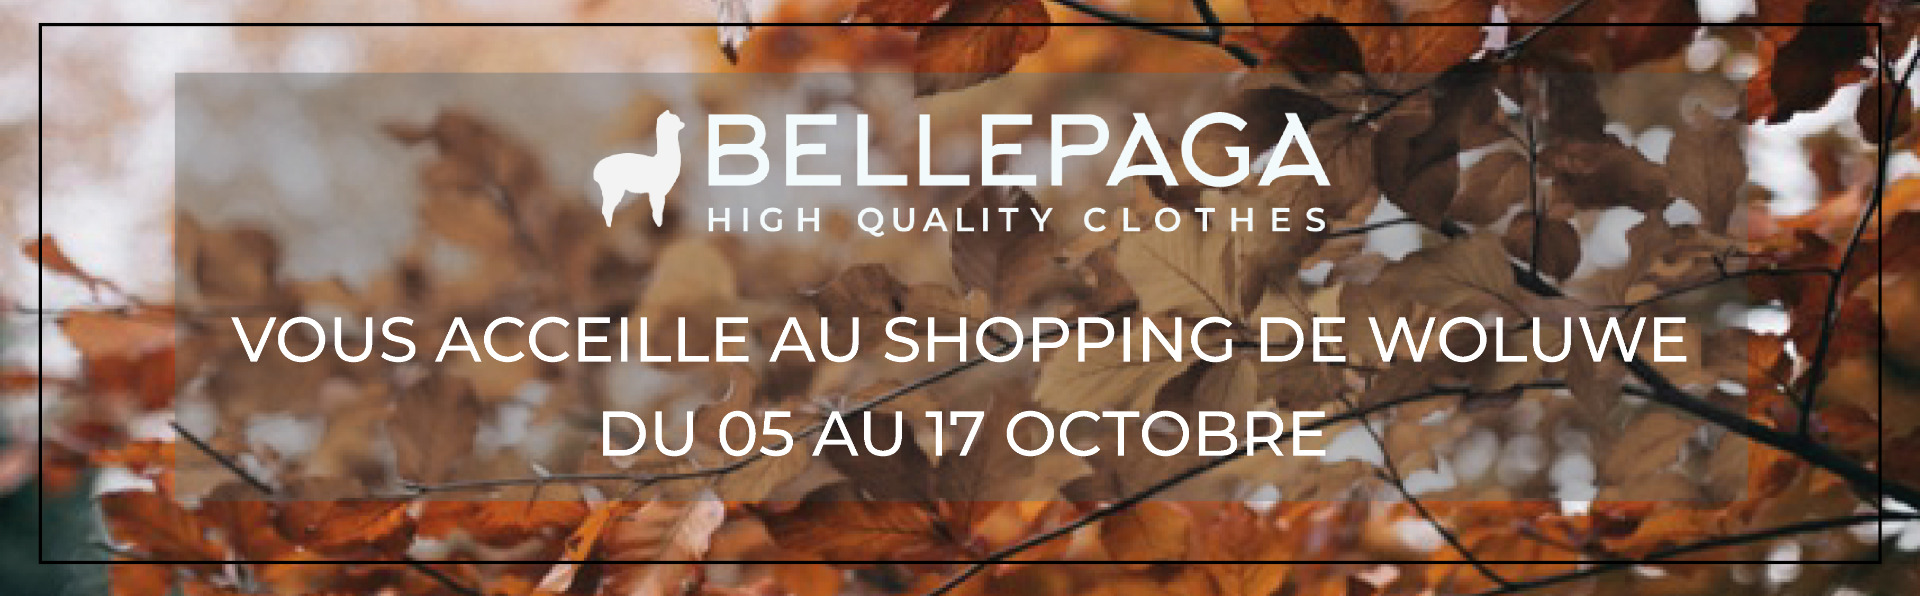 événements BellePaga